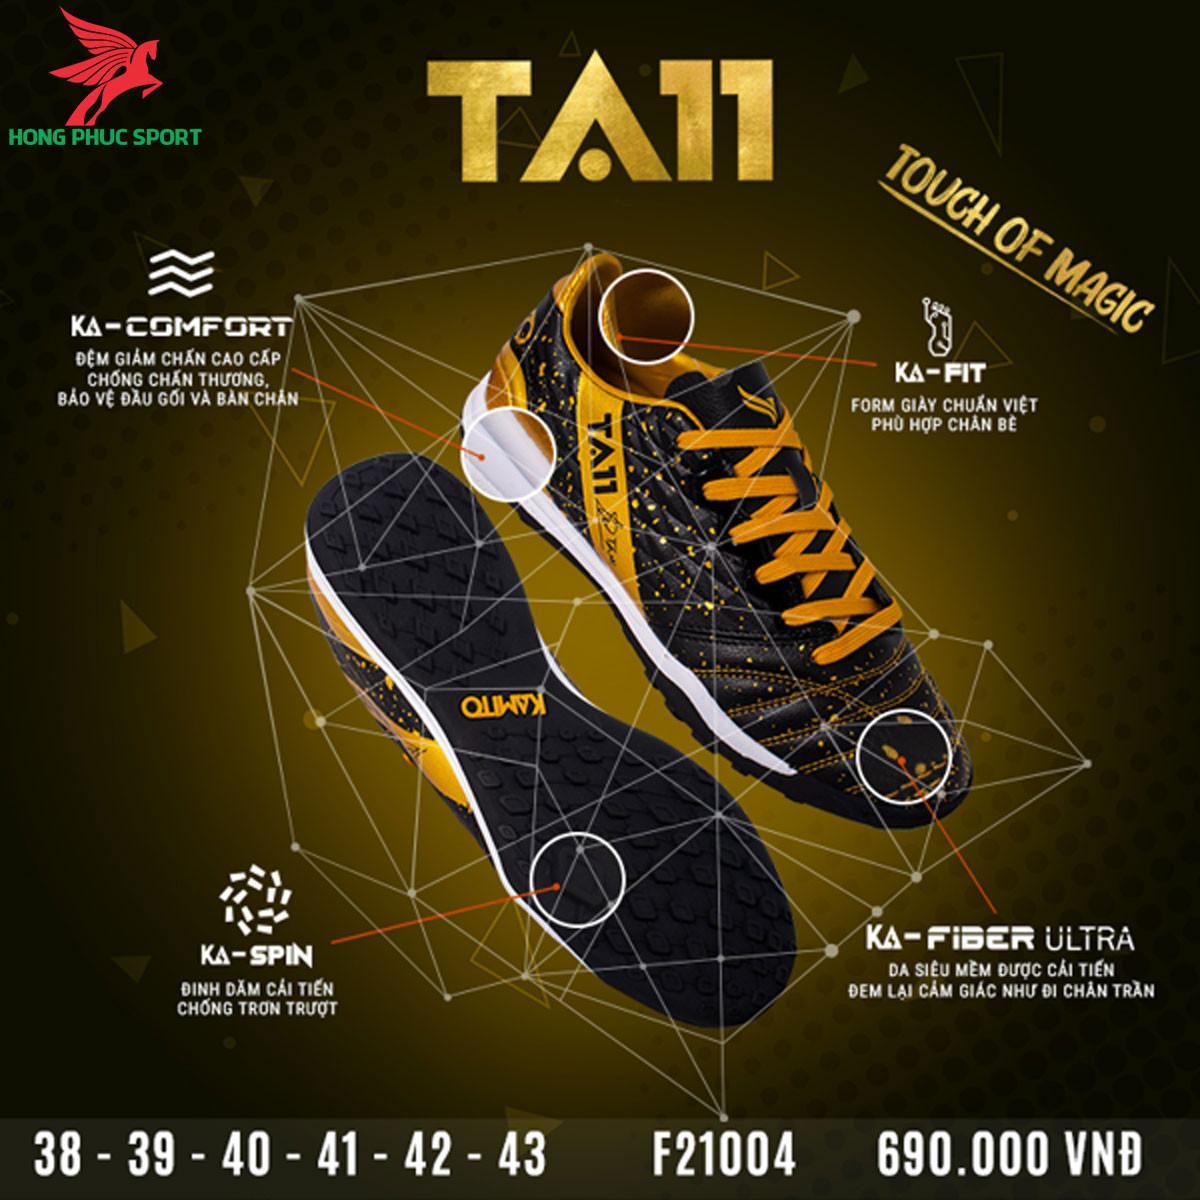 Giày đá banh Kamito TA11 sân cỏ nhân tạo màu đen